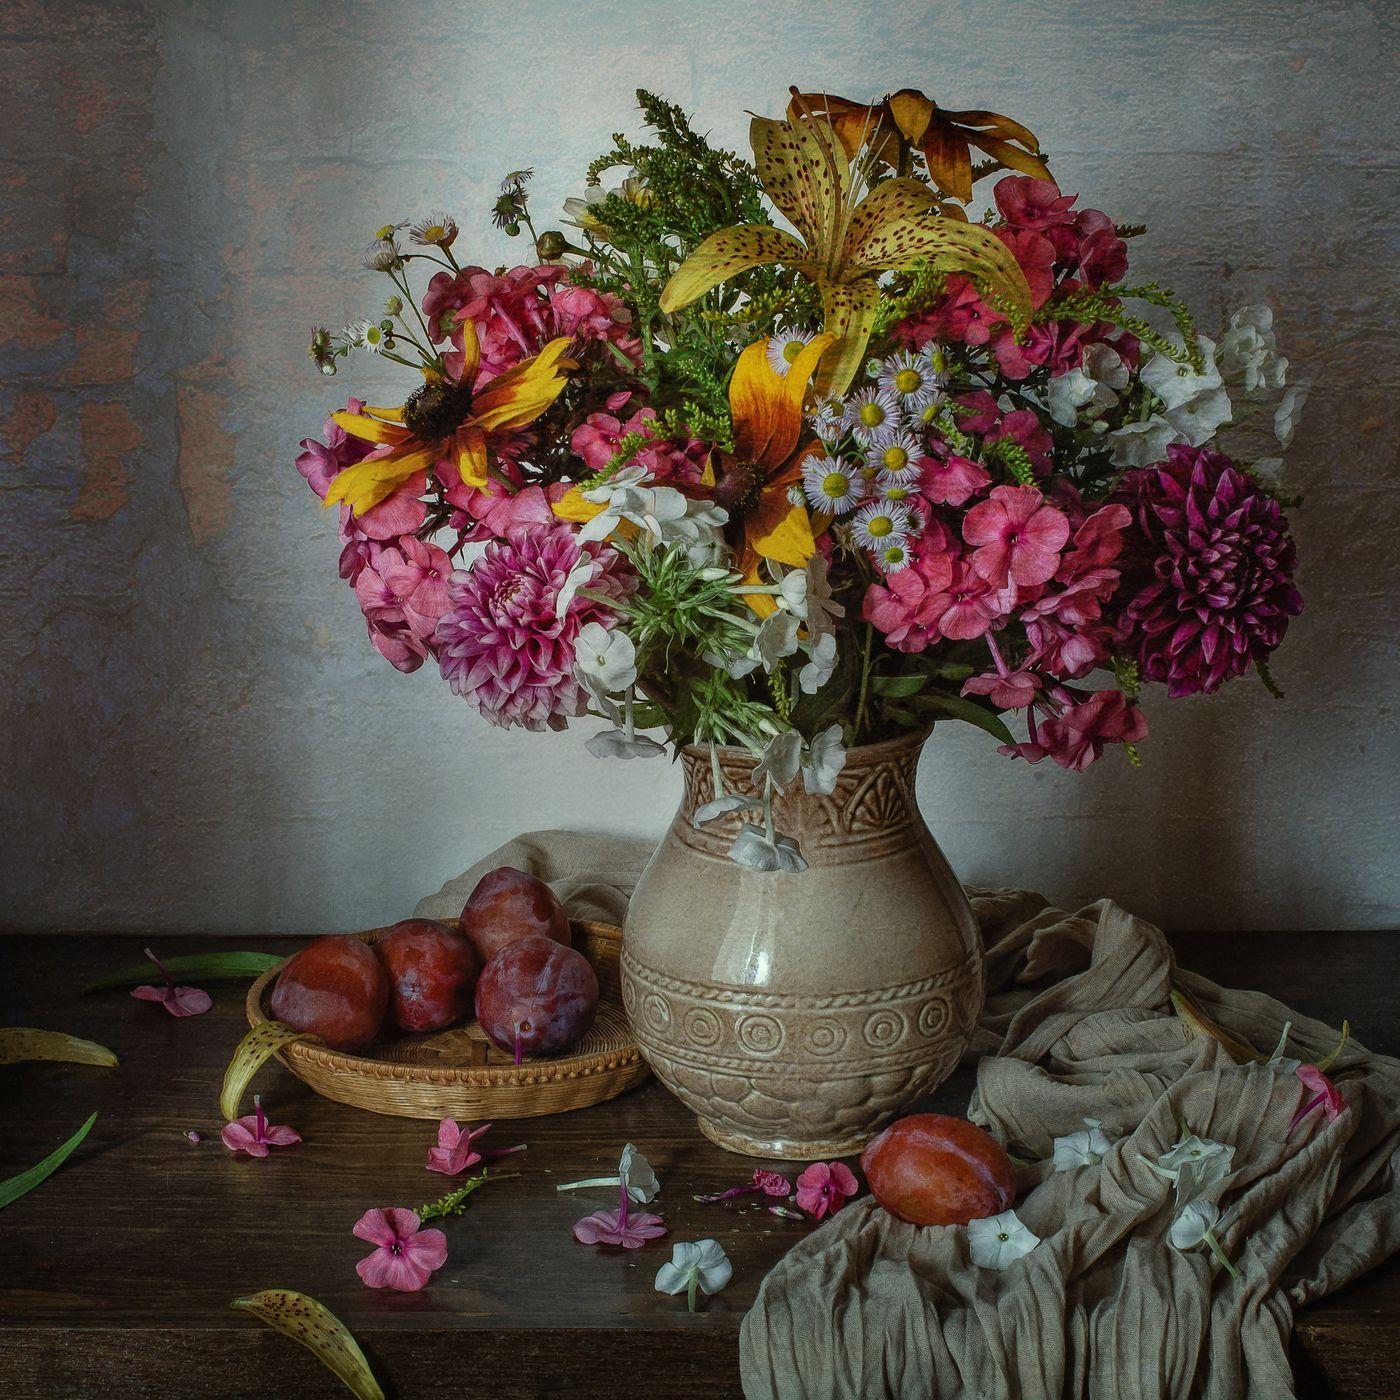 тела фото натюрмортов с макаронами цветами ближайшим родственником внешне